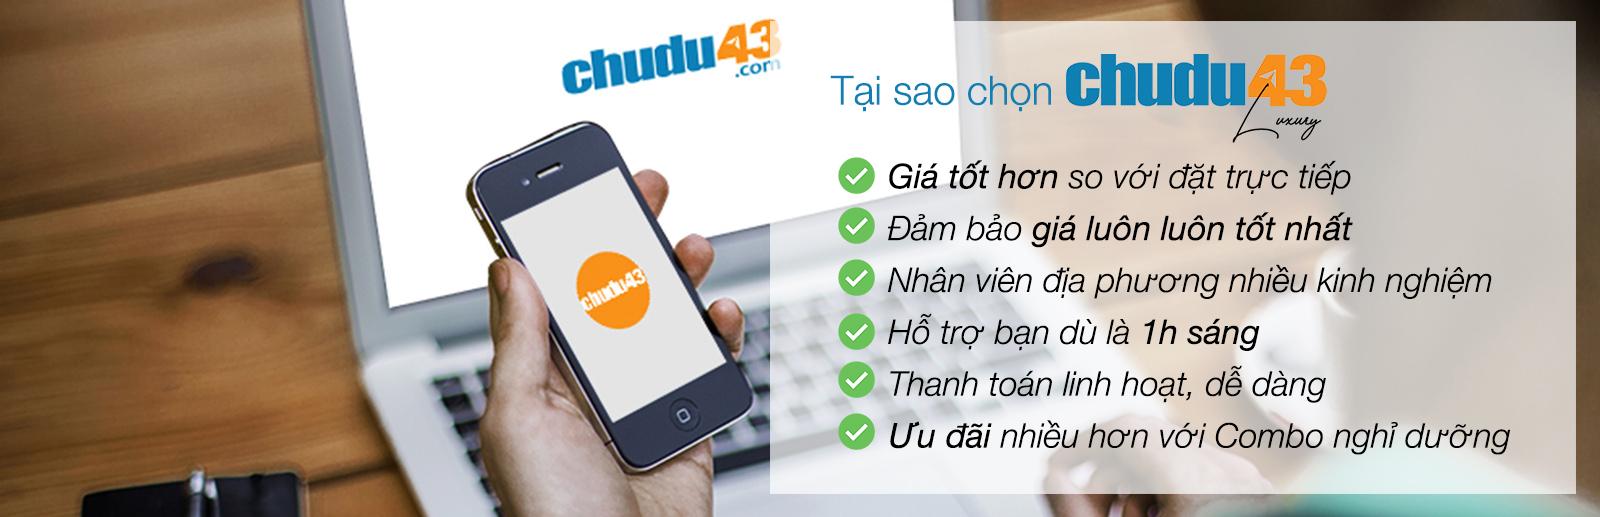 Tại sao chọn Chudu43.com